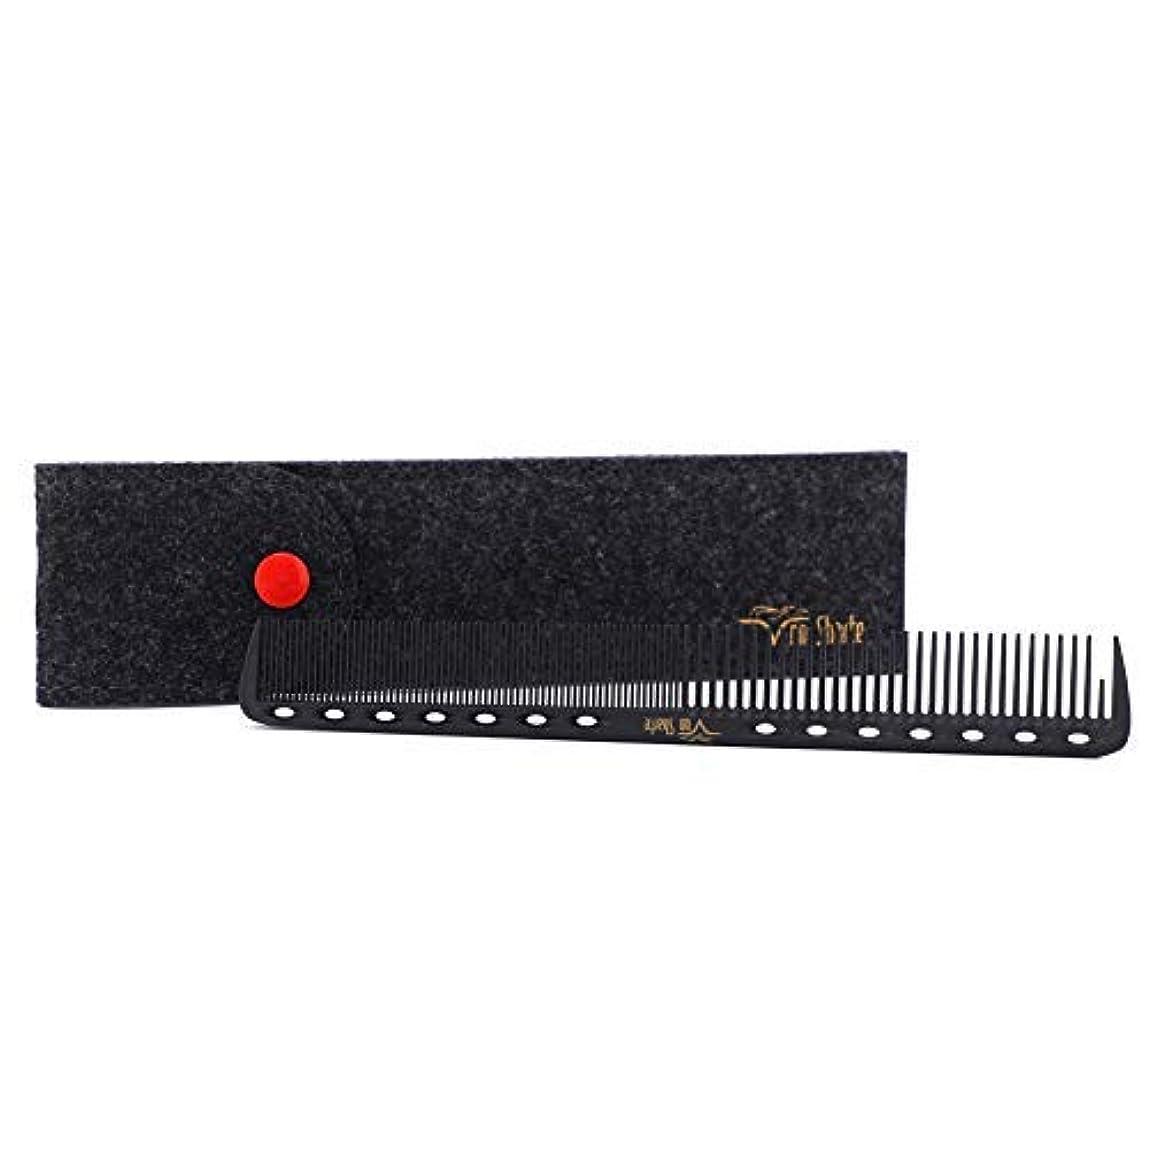 患者銅アラスカBarber Comb,Hair Cutting Combs Carbon Fiber Salon Hairdressing Comb 100% Anti Static 230℃ Heat Resistant with...